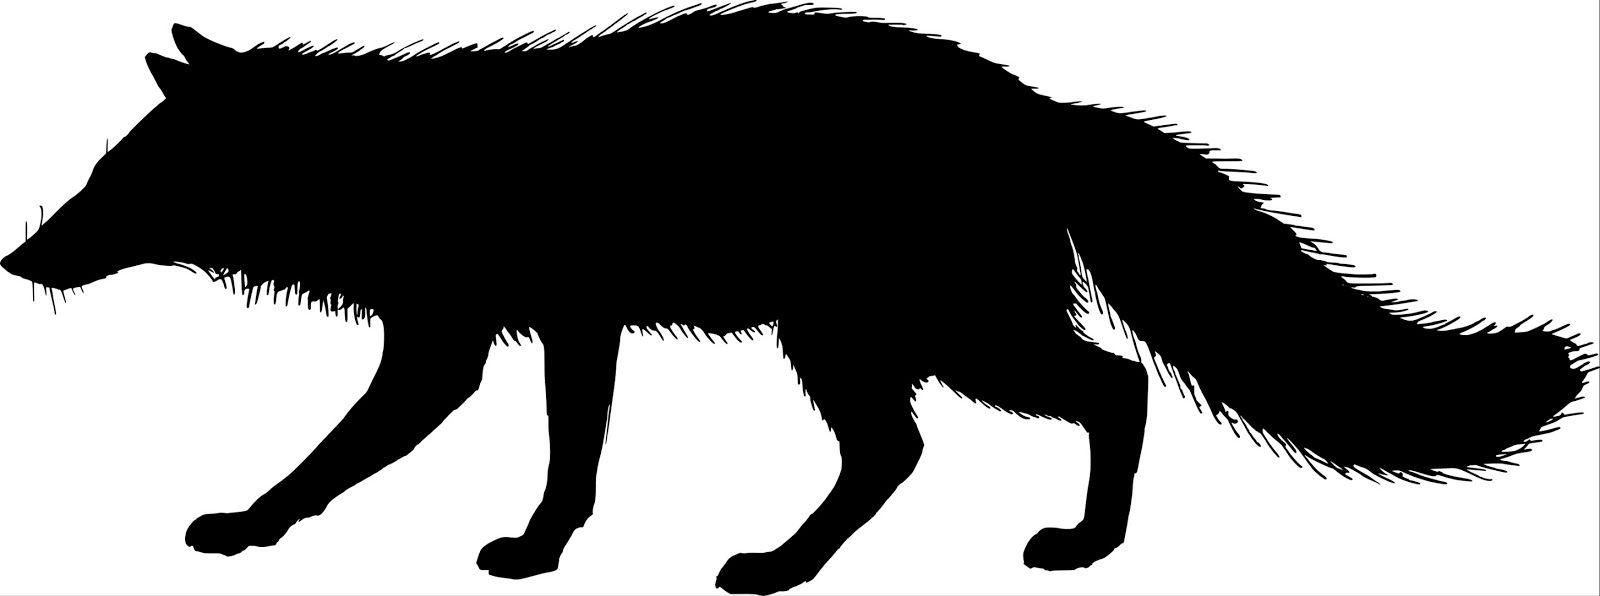 Running Fox Silhouette.